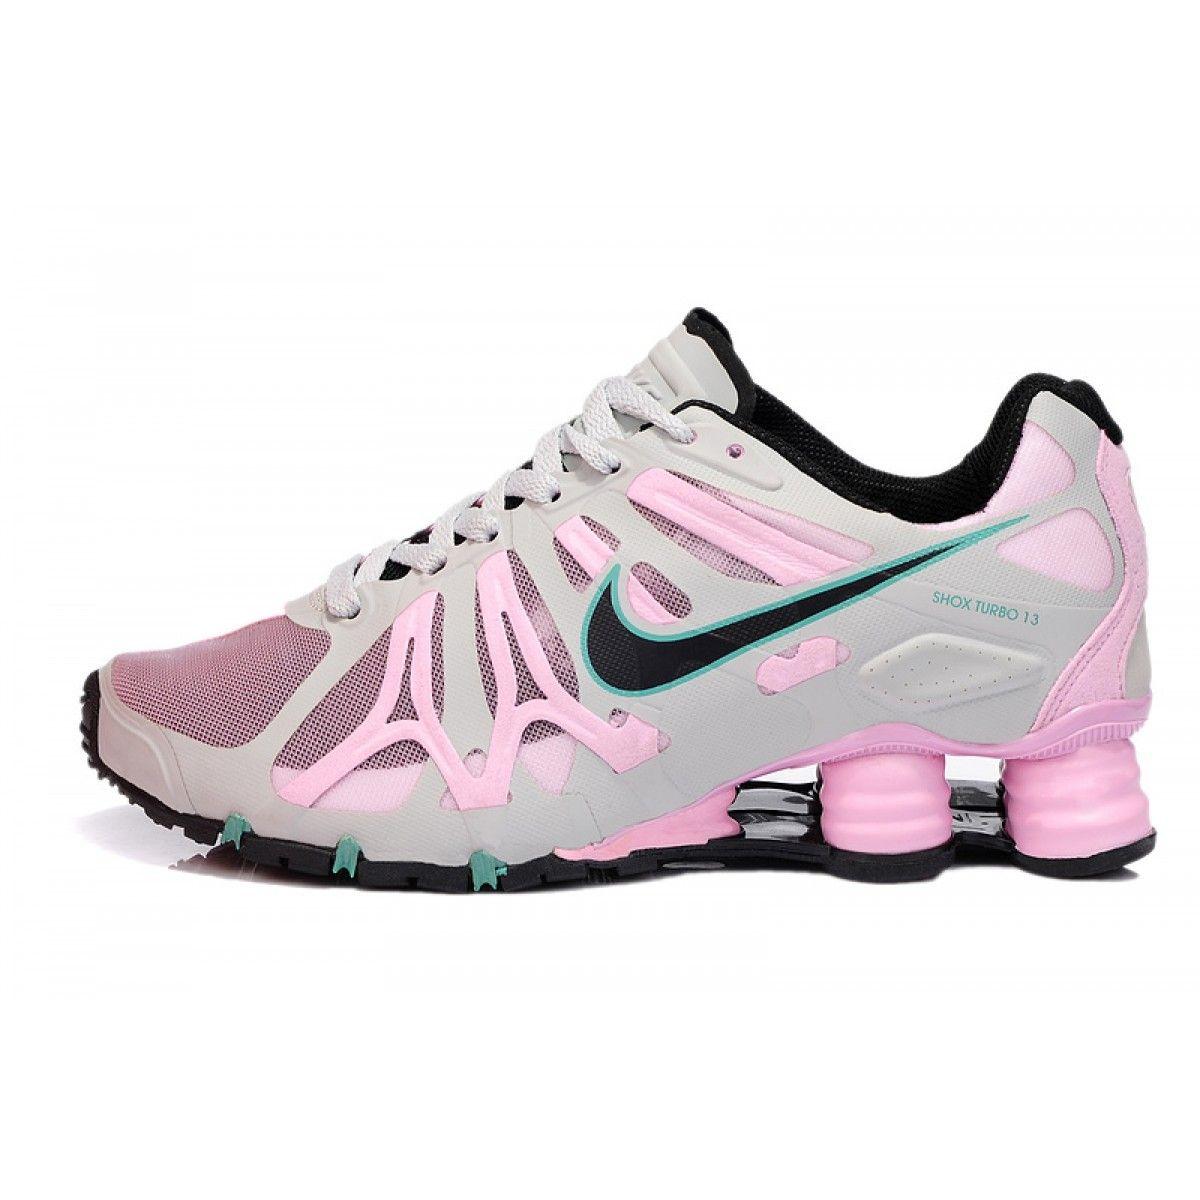 Nike Shox Shoes for Women  Home Nike Shox Turbo13 Womens Shoe Grey Pink